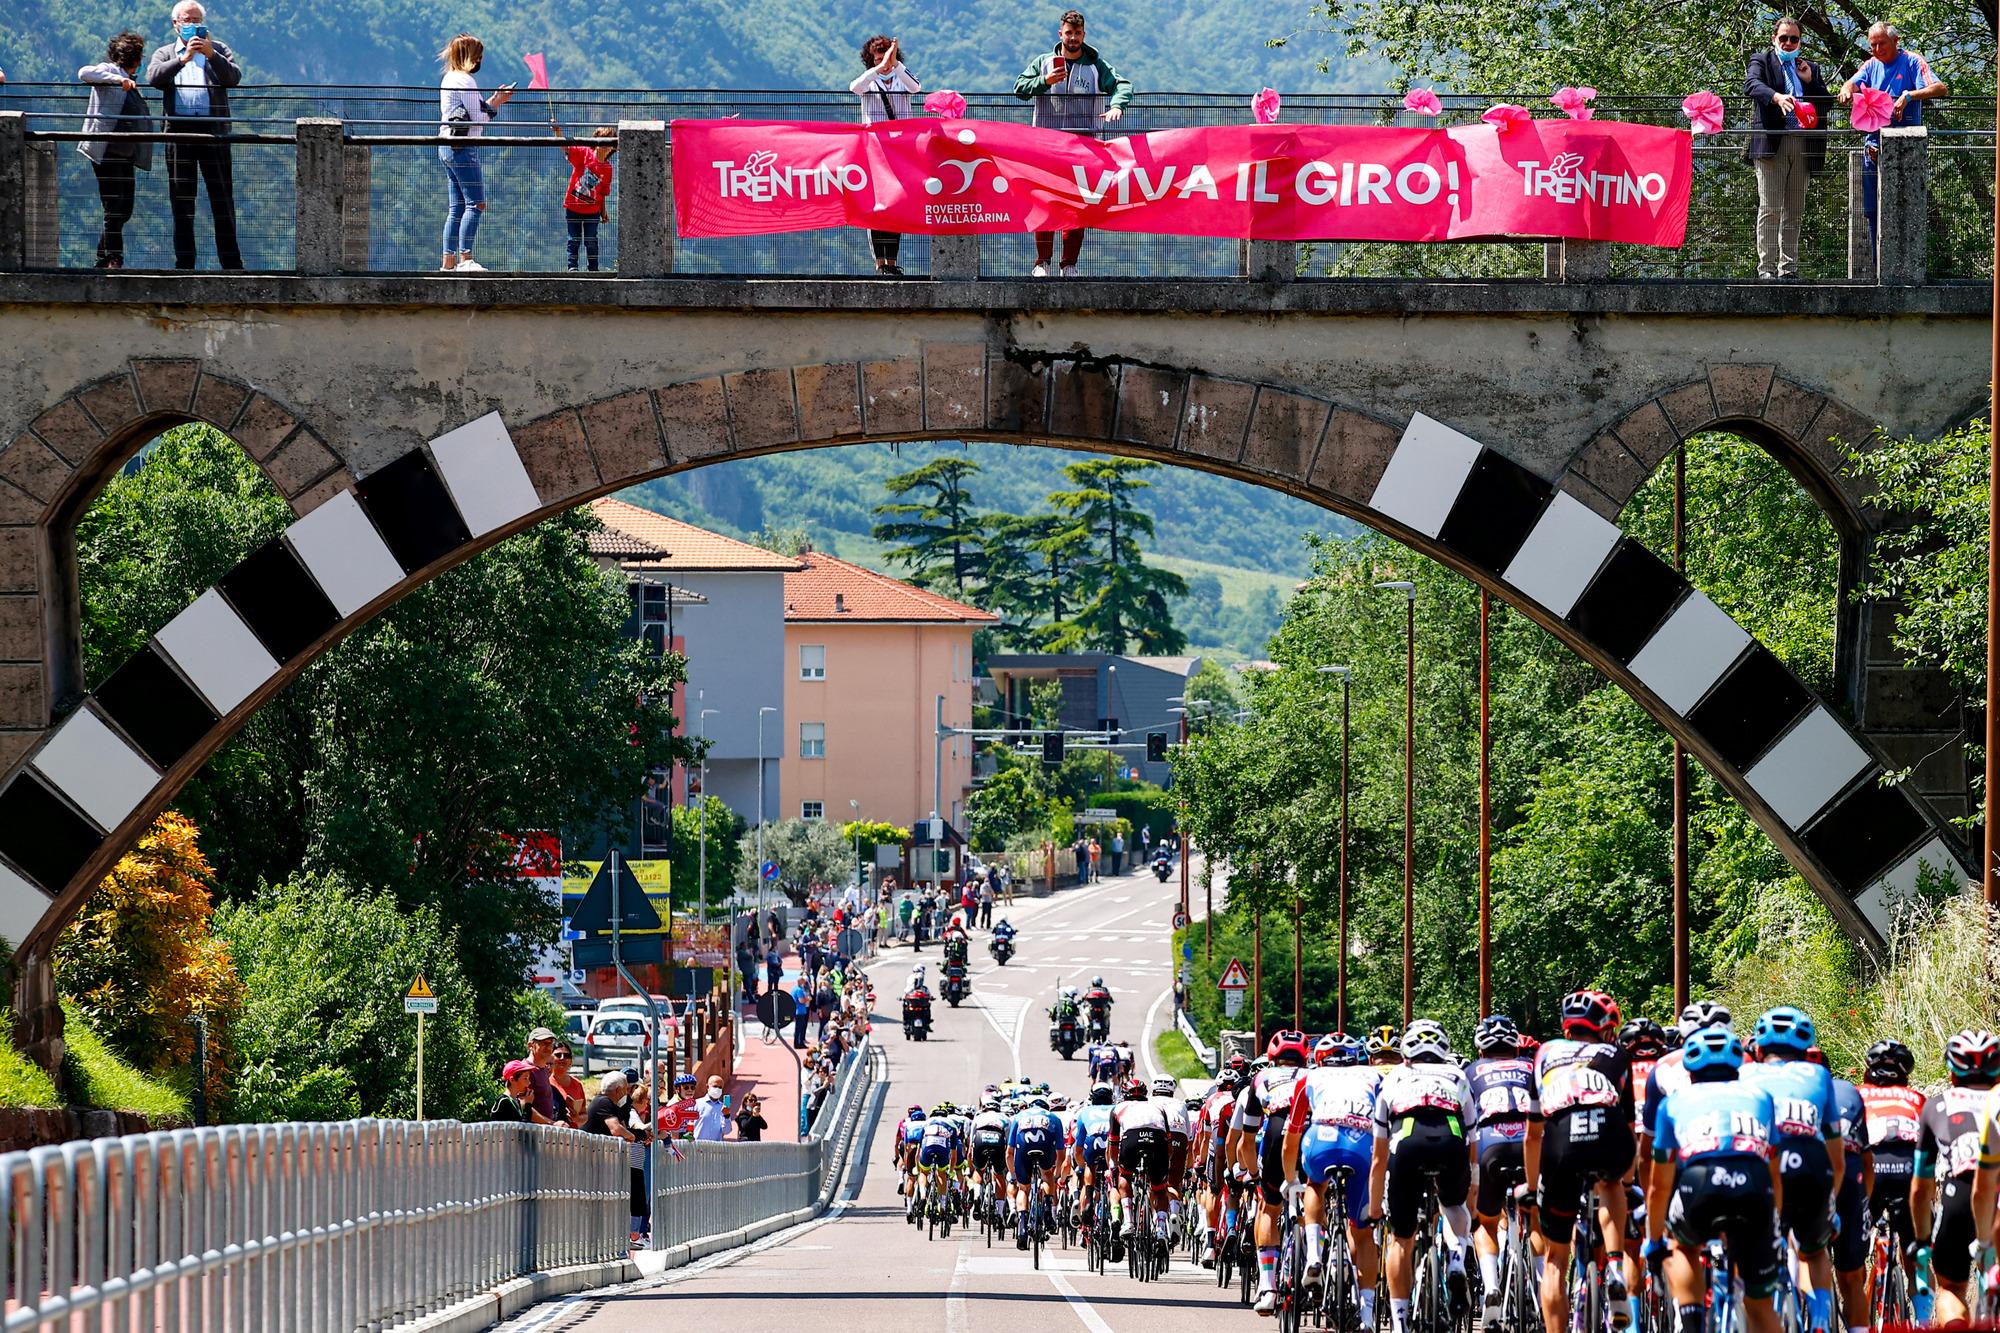 Giro d Italia 2021 104th Edition 18th stage Rovereto Stradella 231 km 27052021 Scenery photo Luca BettiniBettiniPhoto2021